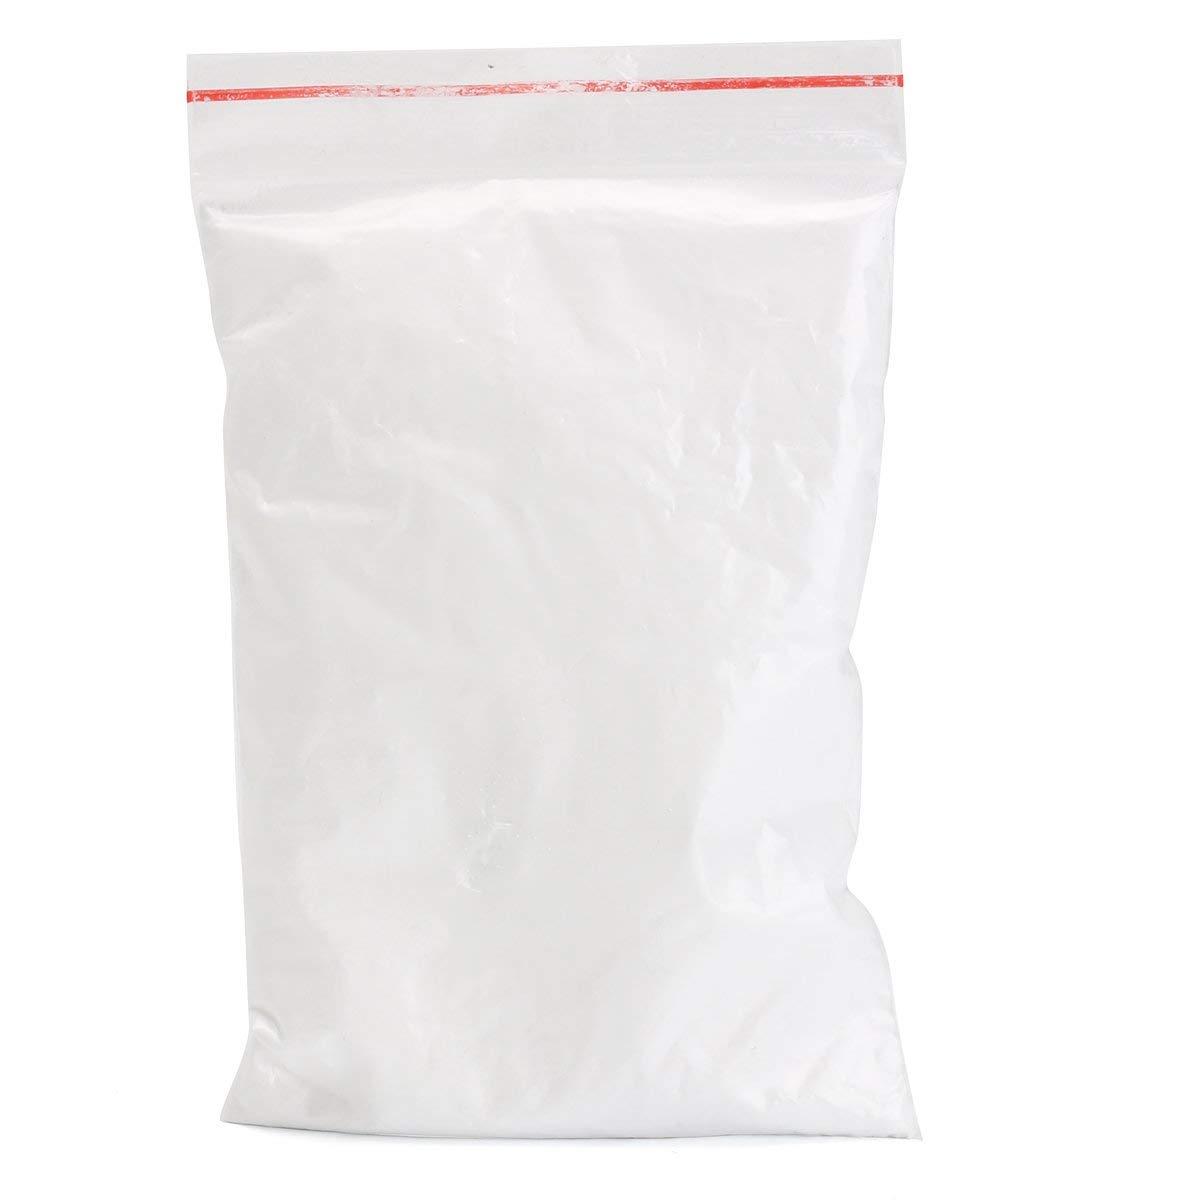 Terrarum PTFE Pulver aus Polytetrafluorethylen 1,6 /µm 50 g ultrafein